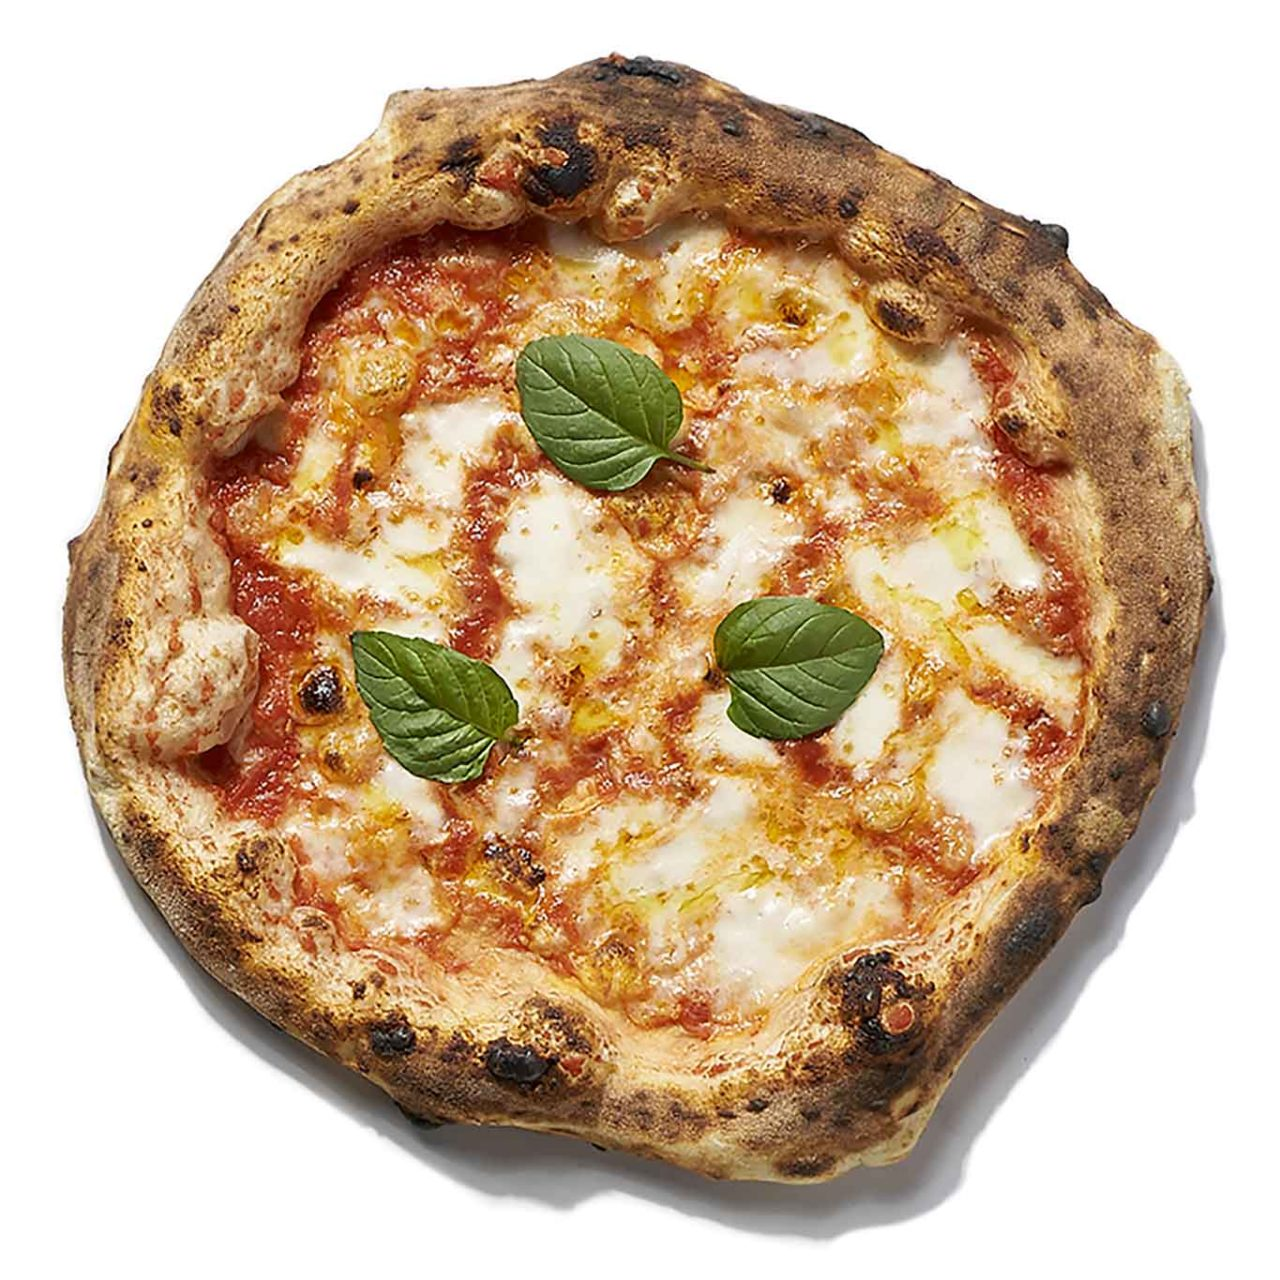 Gina Pizza asporto e consegna a domicilio pizzeria Ercolano pizza margherita